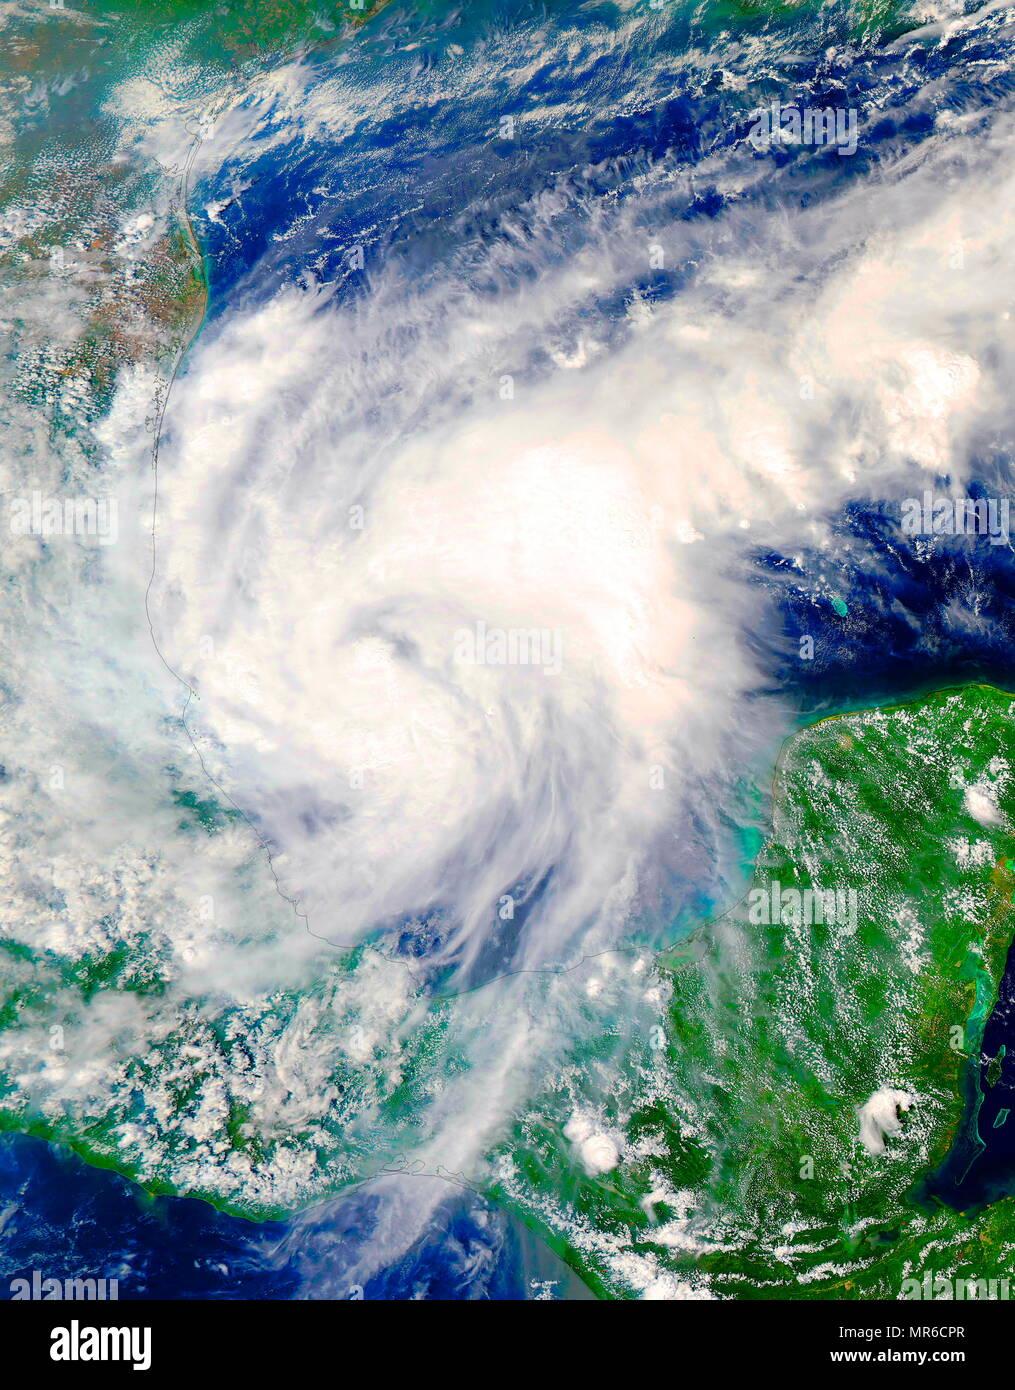 Die NASA-Satelliten Terra, erfasst ein sichtbares Licht Bild, des Hurrikans Katia, in der süd-westlichen Golf von Mexiko. September 2017 Stockbild